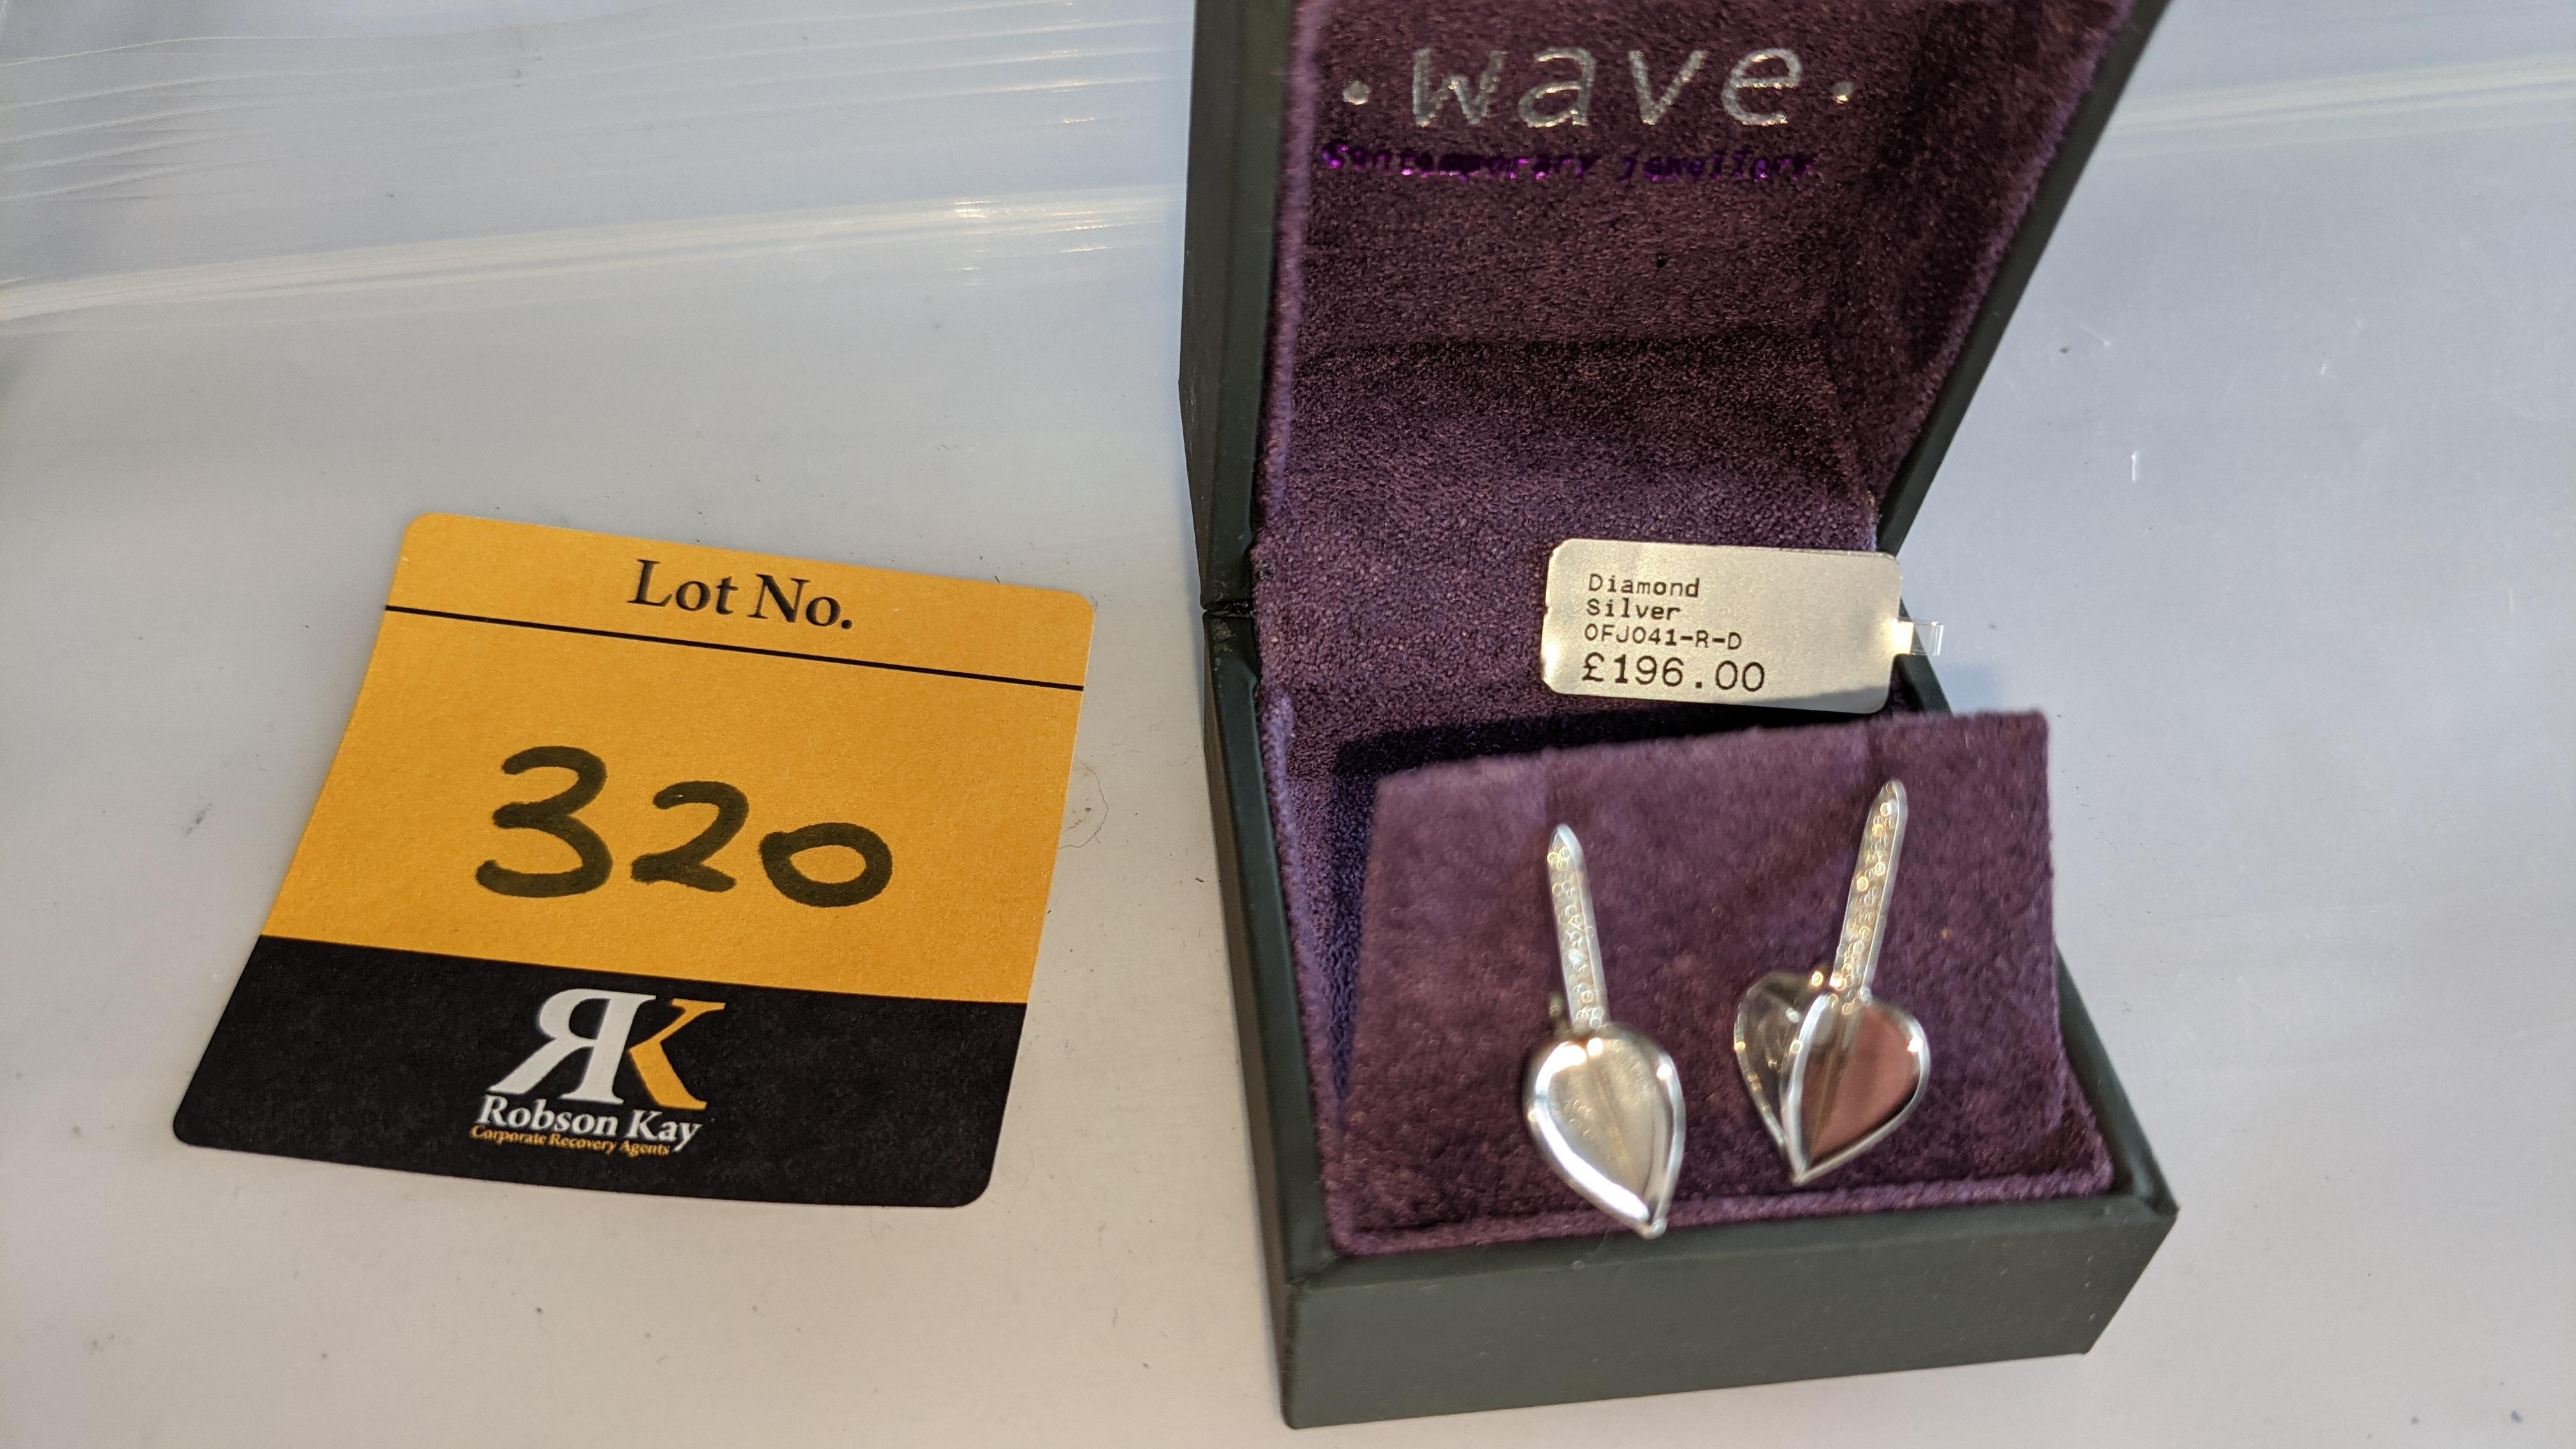 Pair of earrings, retail price £196 - Image 10 of 11